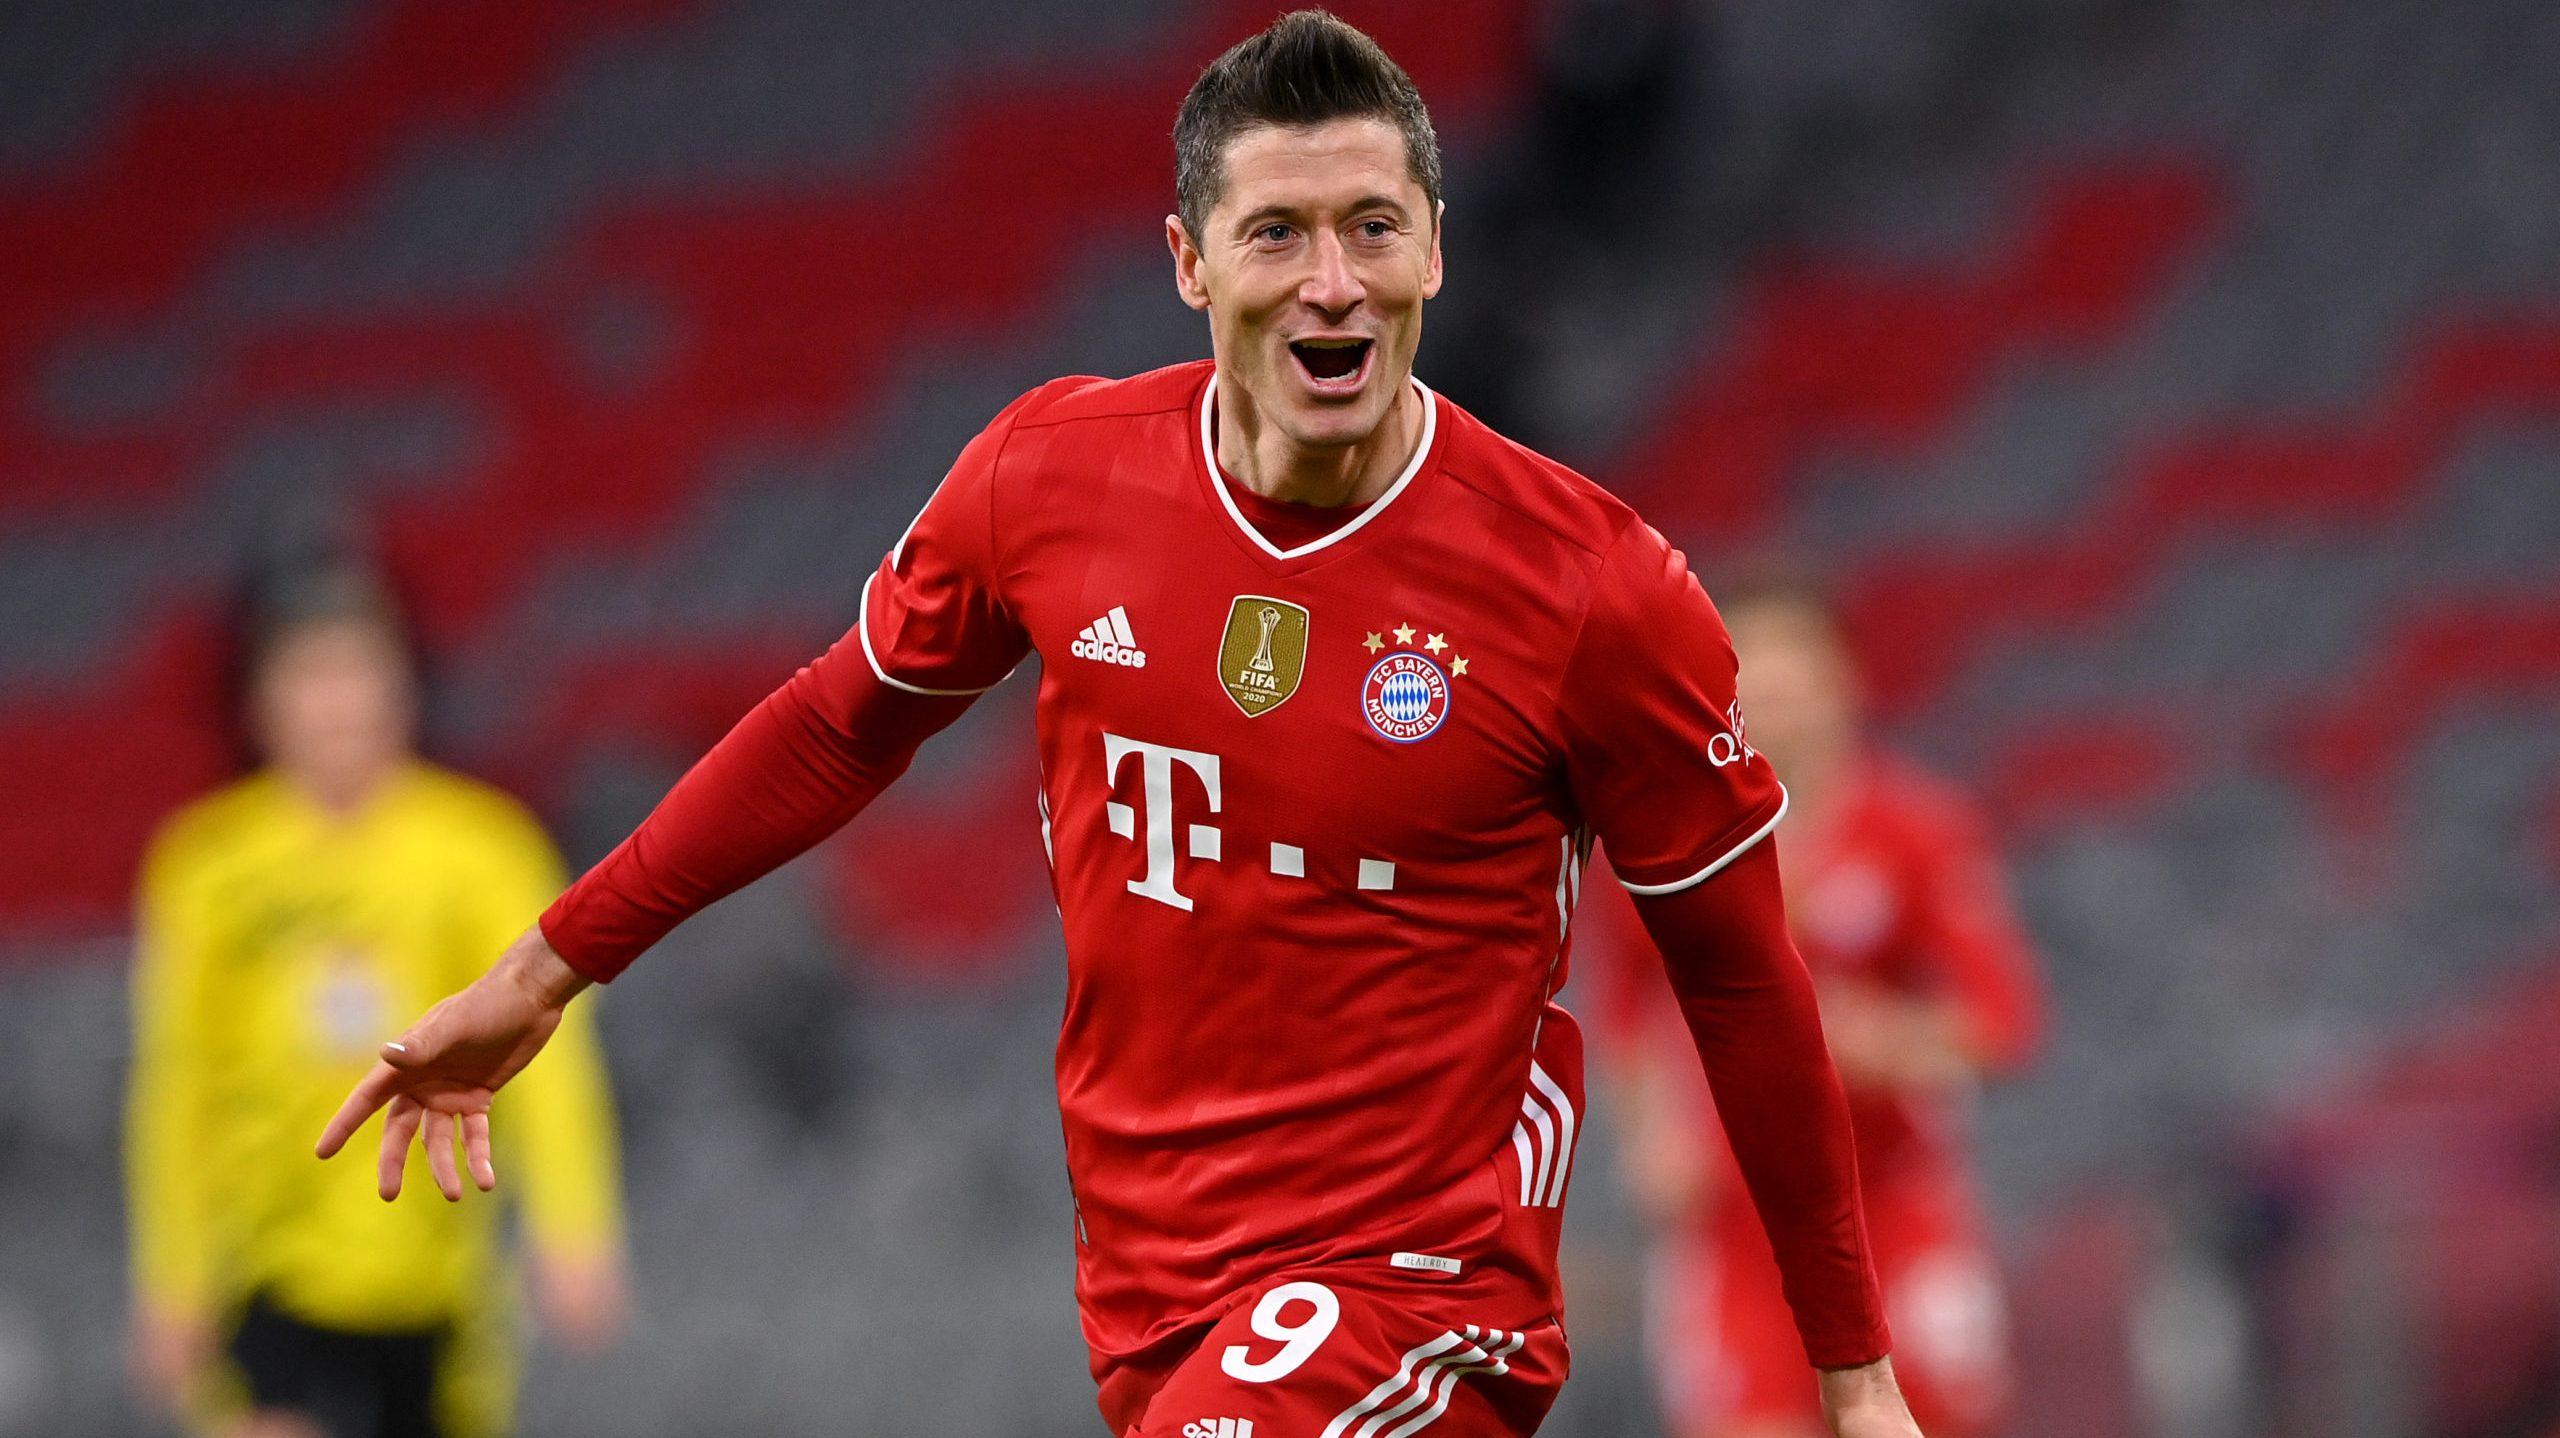 Schon 31 Saisontore - Lewandowski jagt ewigen Rekord